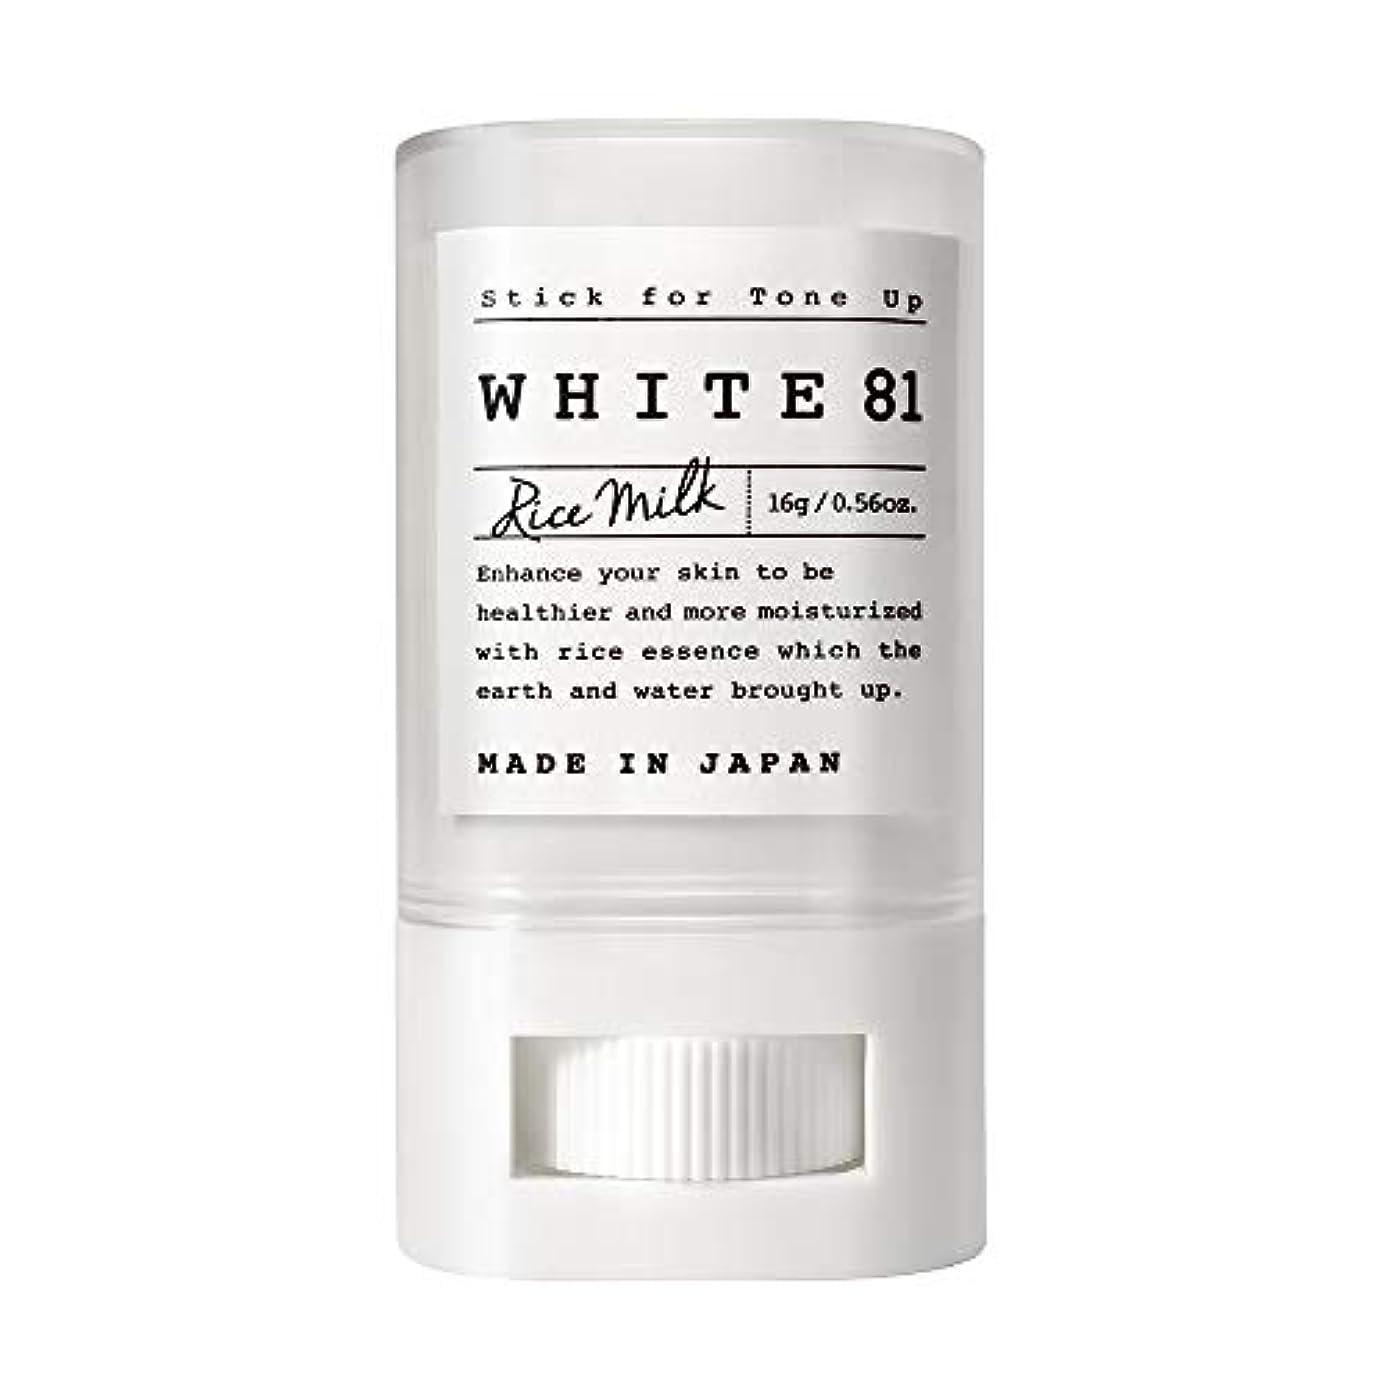 泥沼端末きつくWHITE81 ホワイト81 トーンアップスティック(化粧下地?日焼け止め / SPF35?PA+++?ウォータープルーフ?複合保湿成分配合?肌に優しい6種のフリー / 日本製)